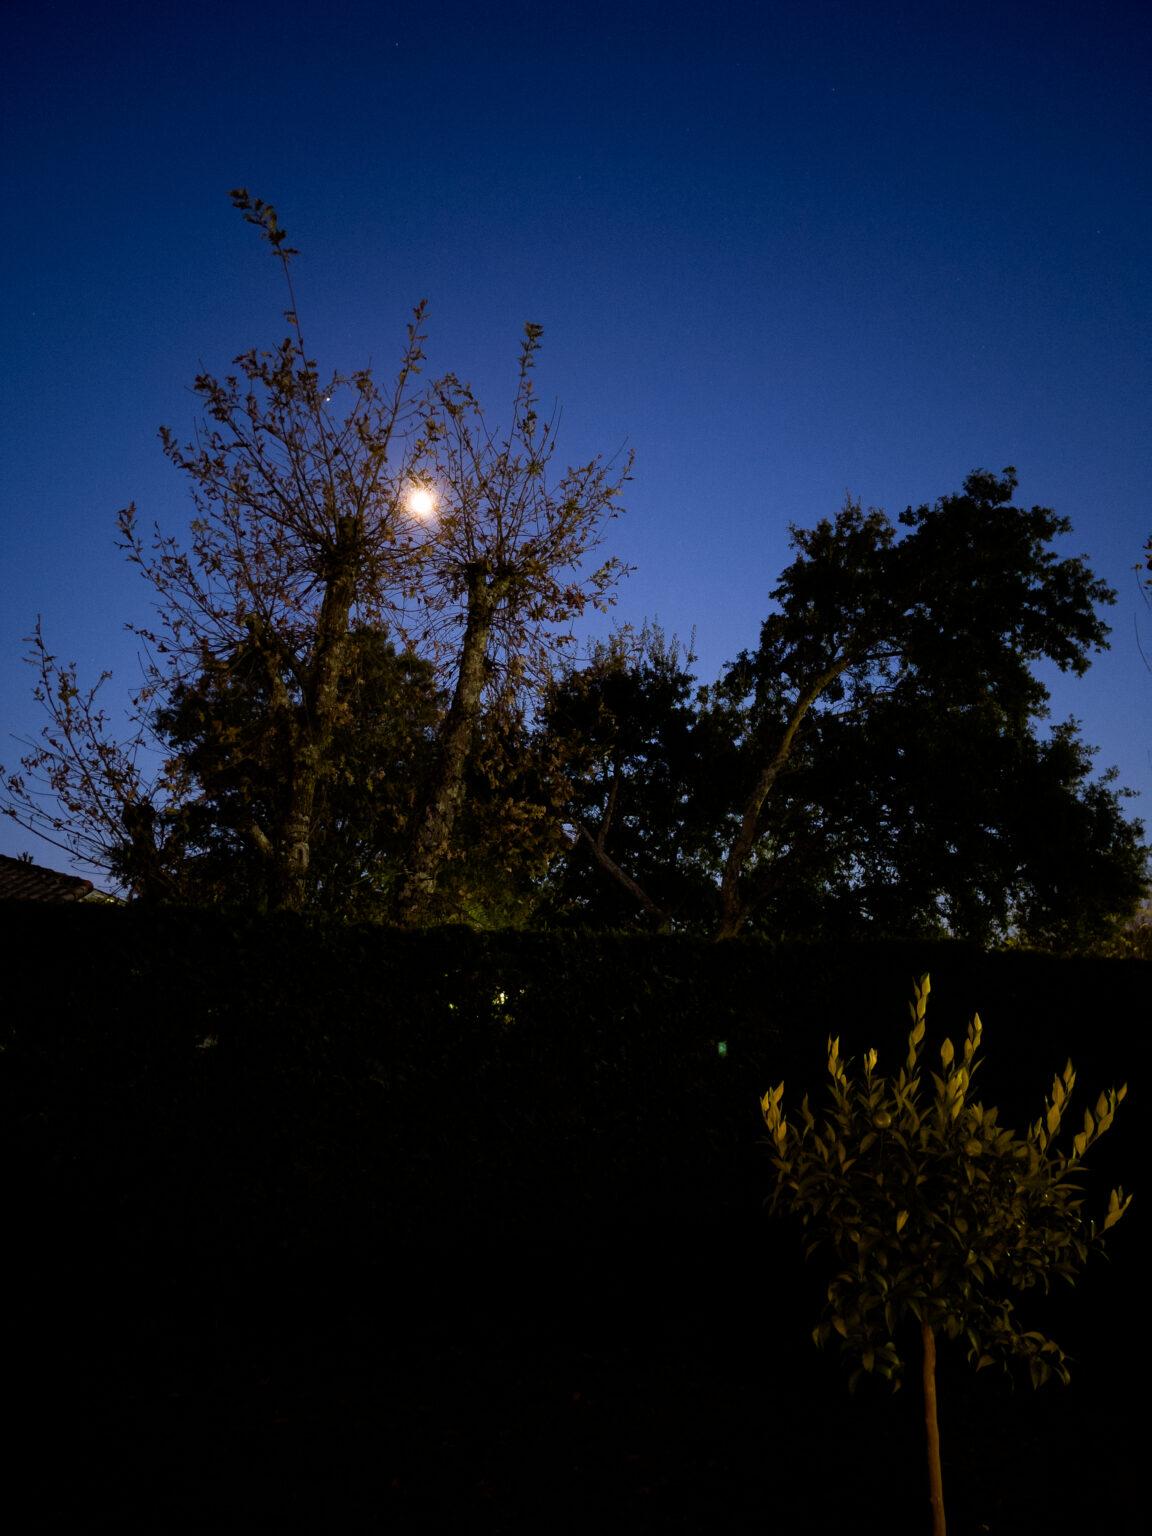 Photo de nuit prise à l'Phone 12 Pro Max au format Apple ProRAW